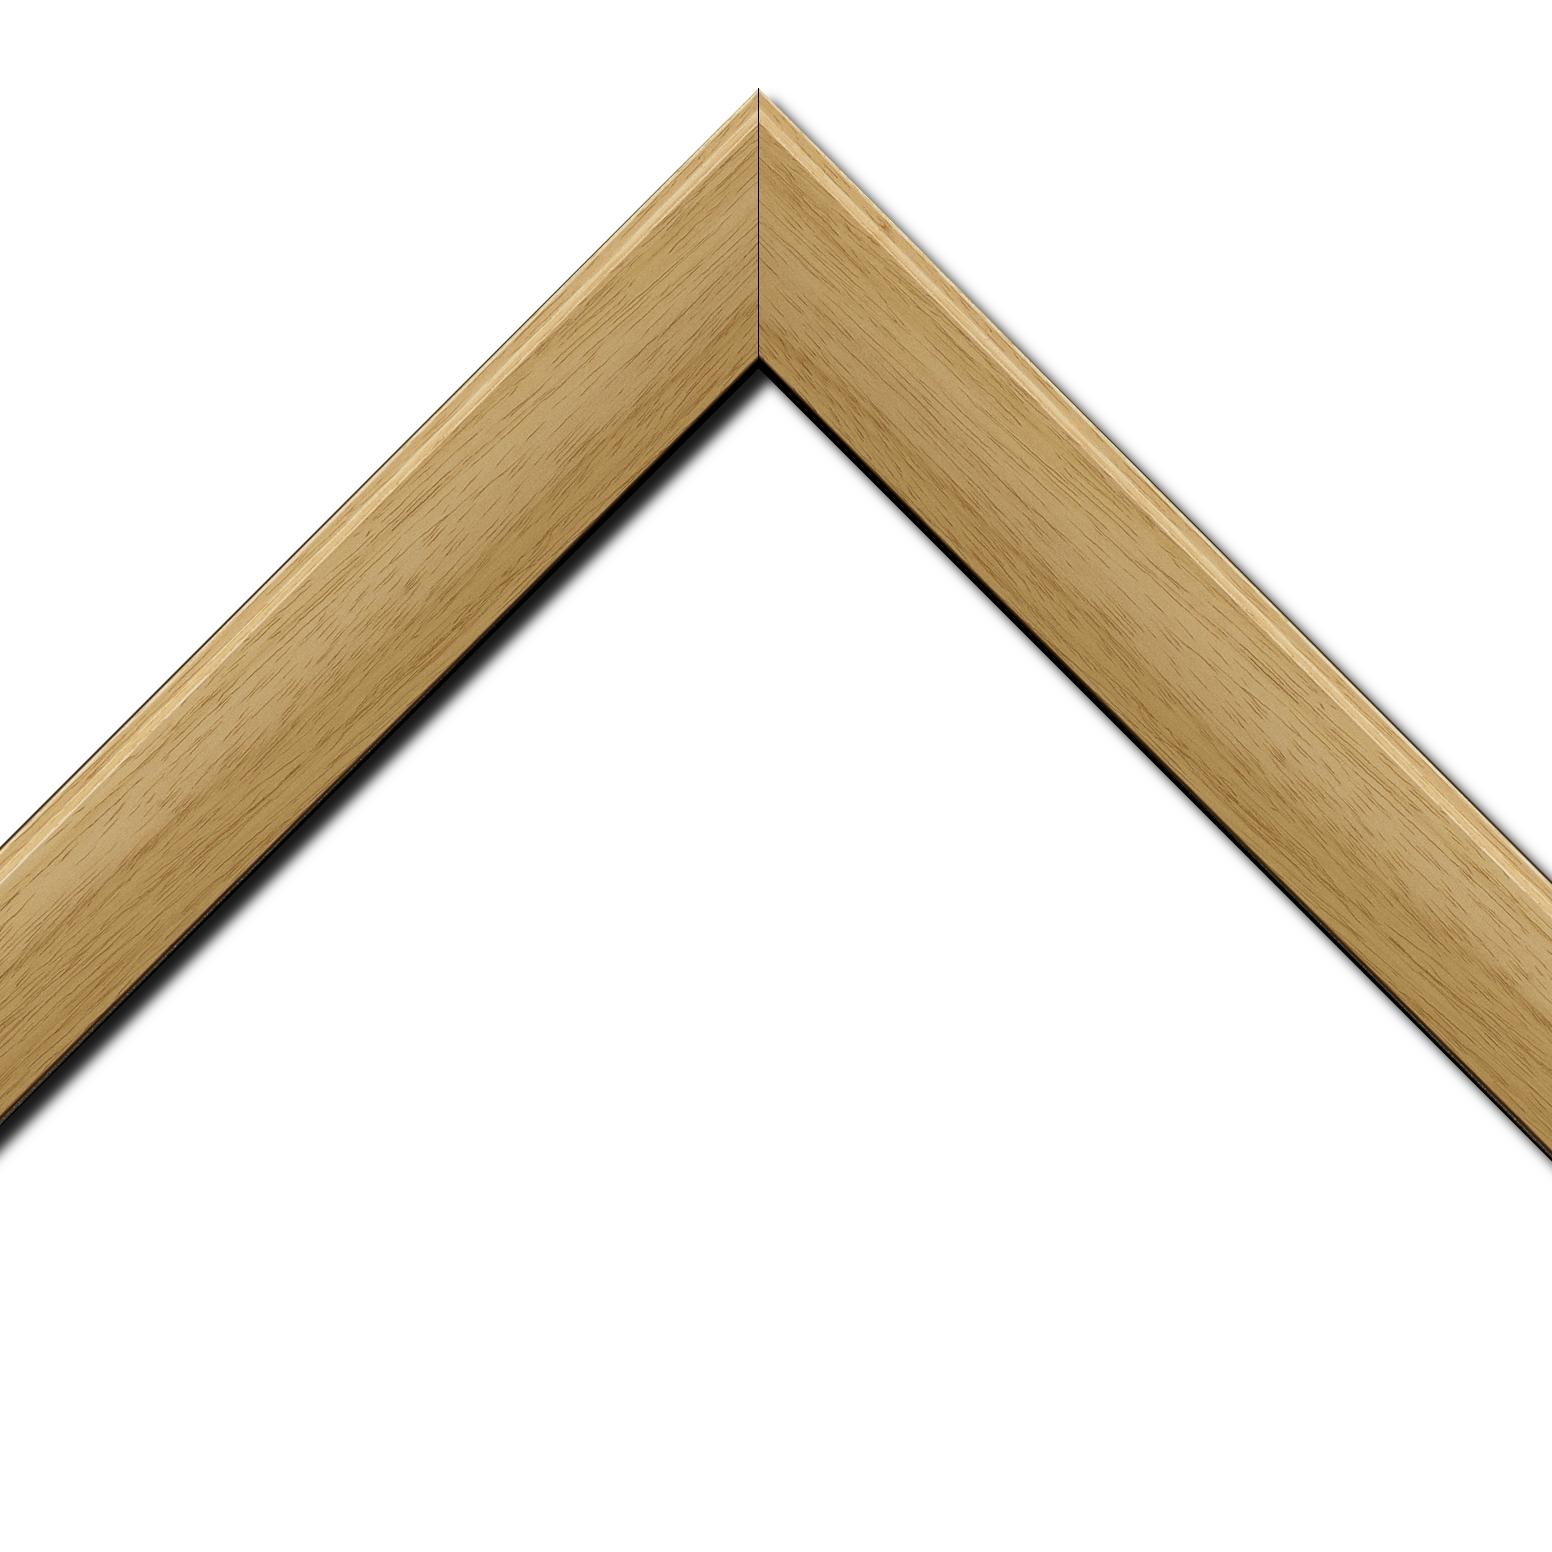 Baguette bois profil en pente méplat largeur 4.8cm ayous massif naturel (sans vernis, peut être peint...)